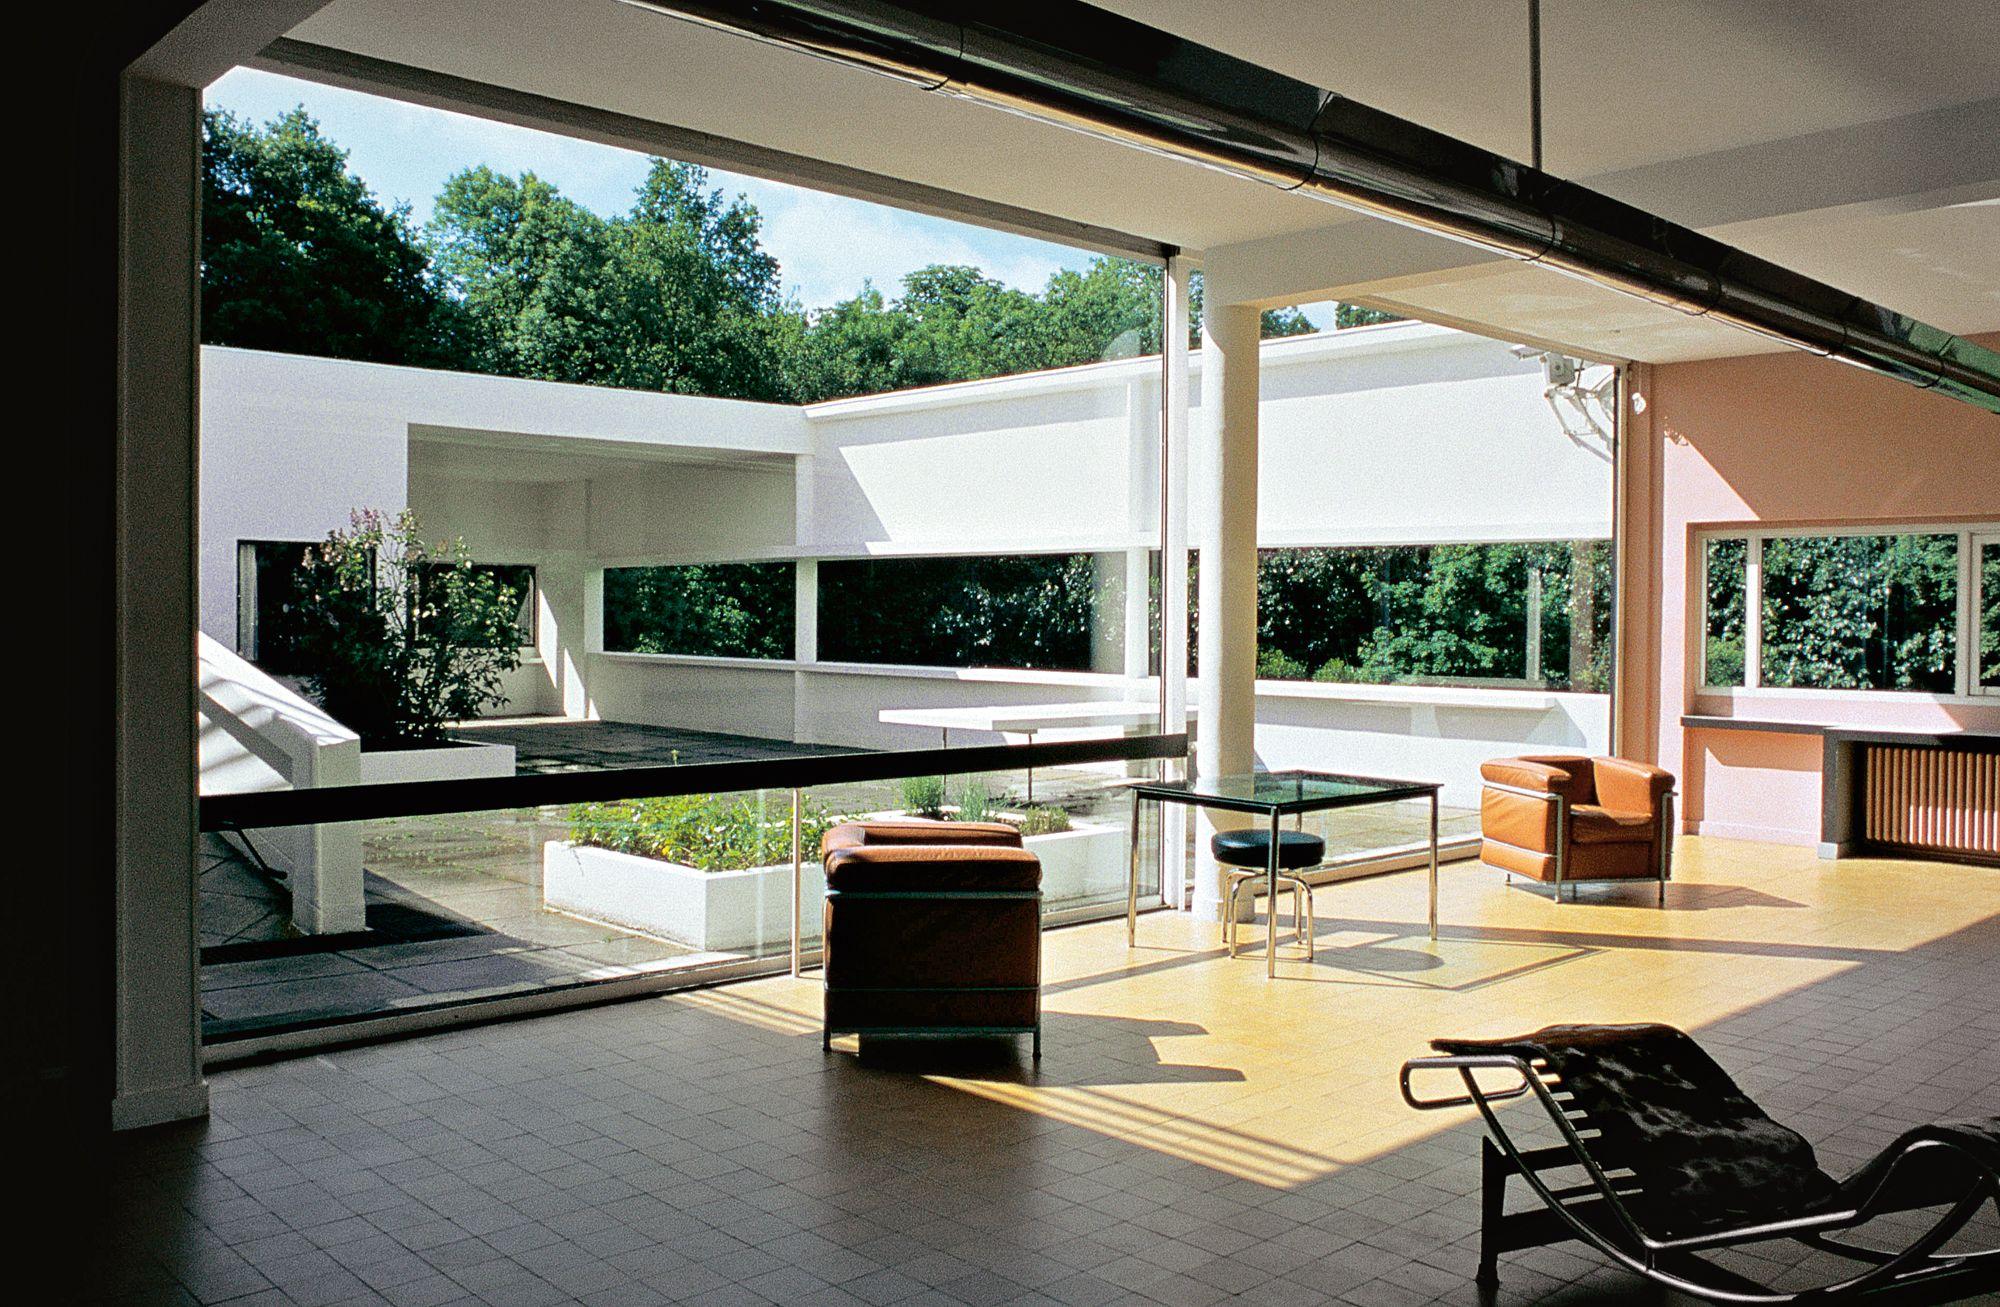 сцене конструктивизм внутри домов фото каким параметрам происходит